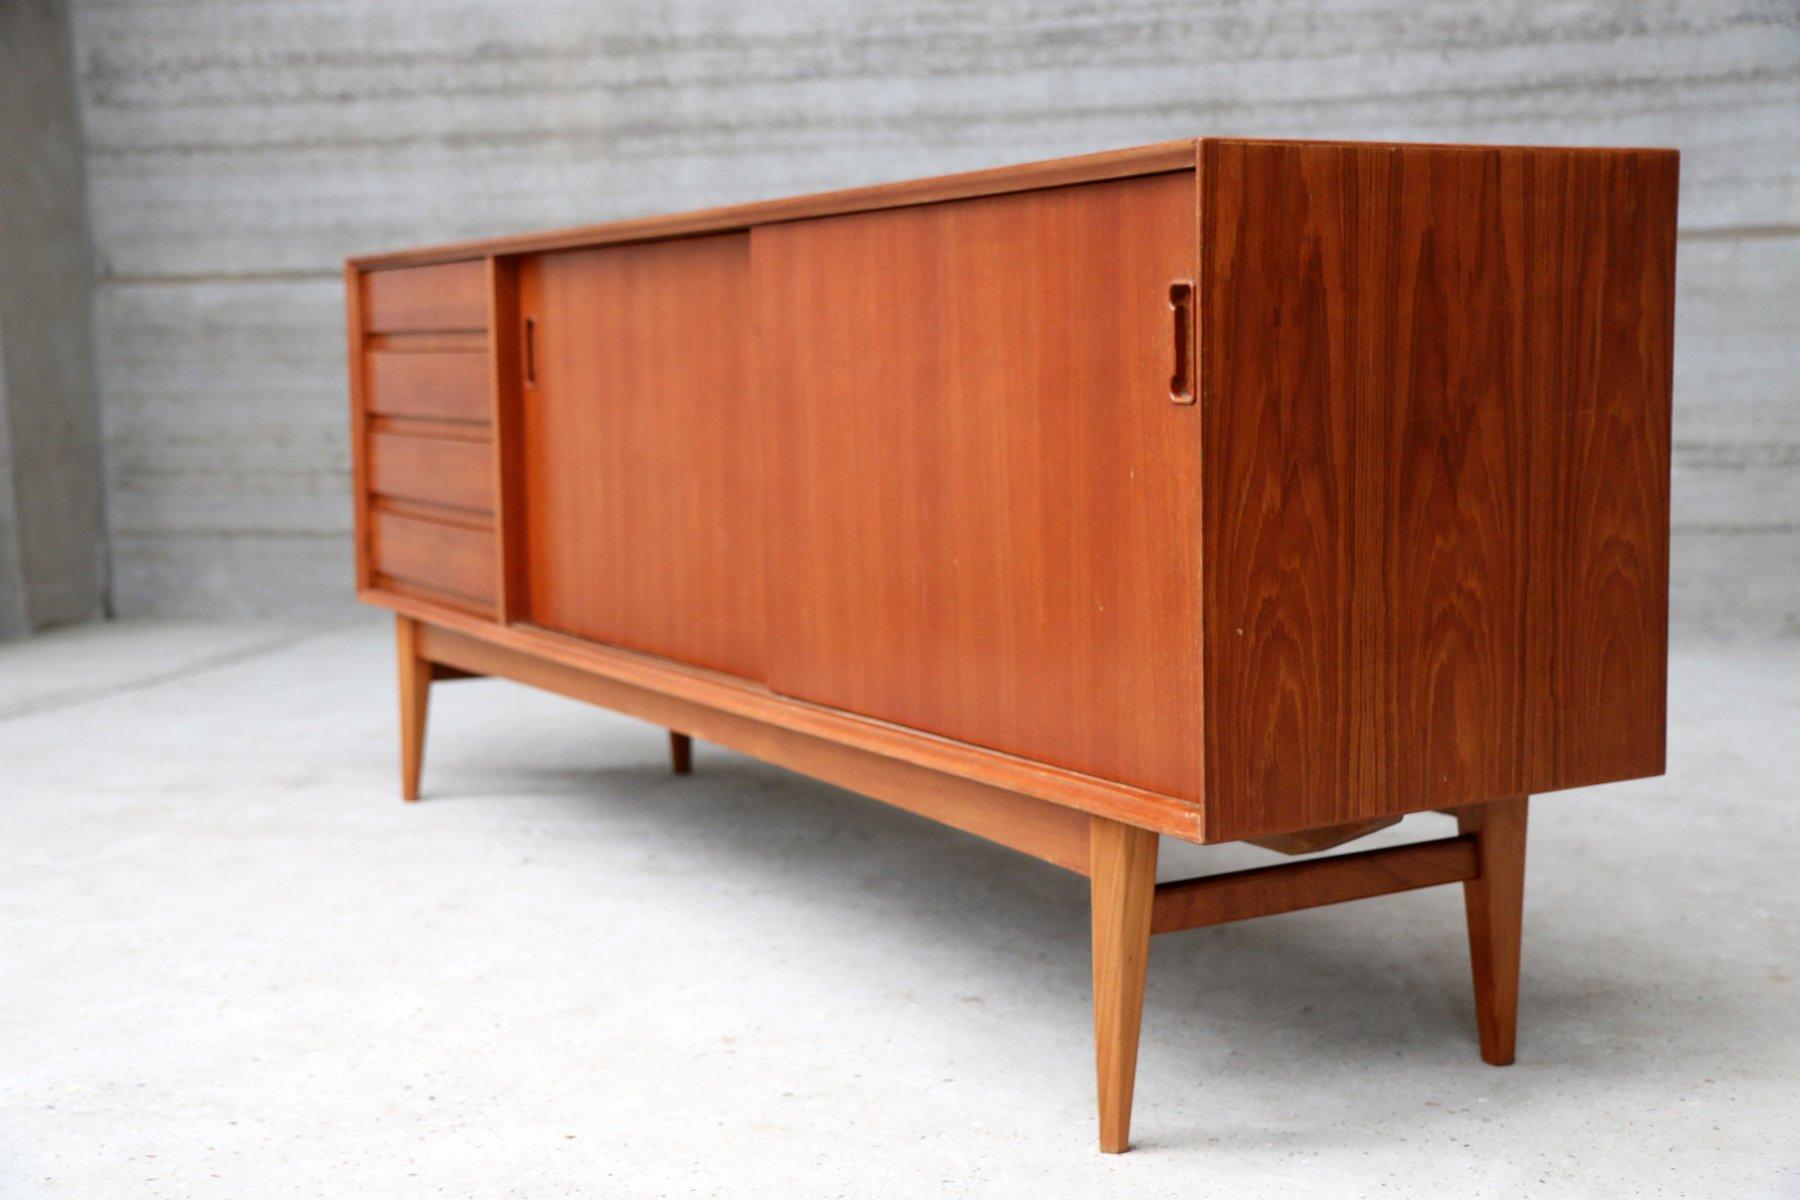 franz sisches sideboard mit schiebet ren aus holz bei. Black Bedroom Furniture Sets. Home Design Ideas